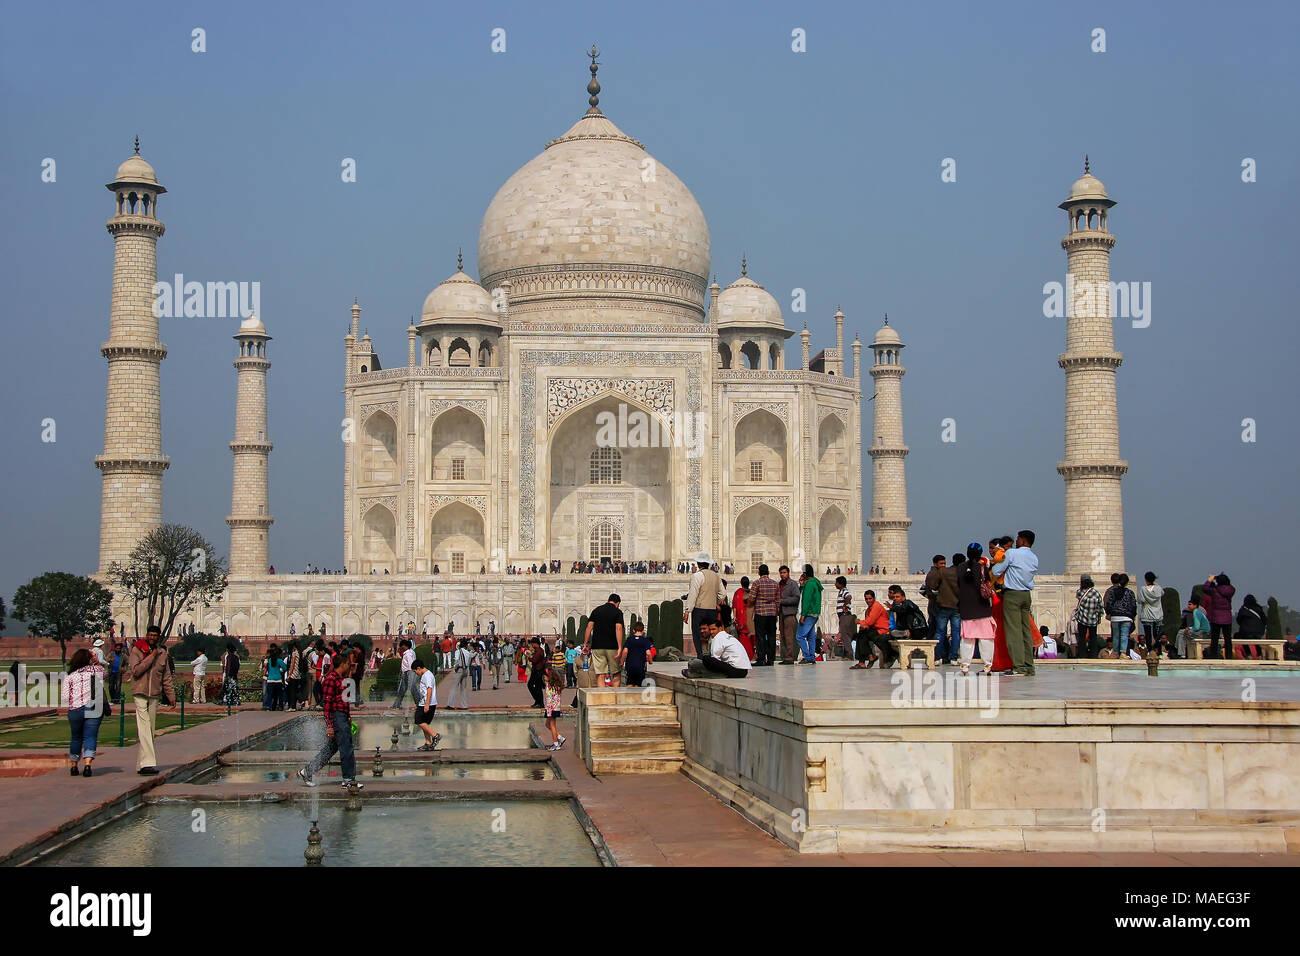 I turisti in visita a Taj Mahal complesso in Agra, Uttar Pradesh, India. Taj Mahal è stato designato come un Sito Patrimonio Mondiale dell'UNESCO nel 1983. Immagini Stock